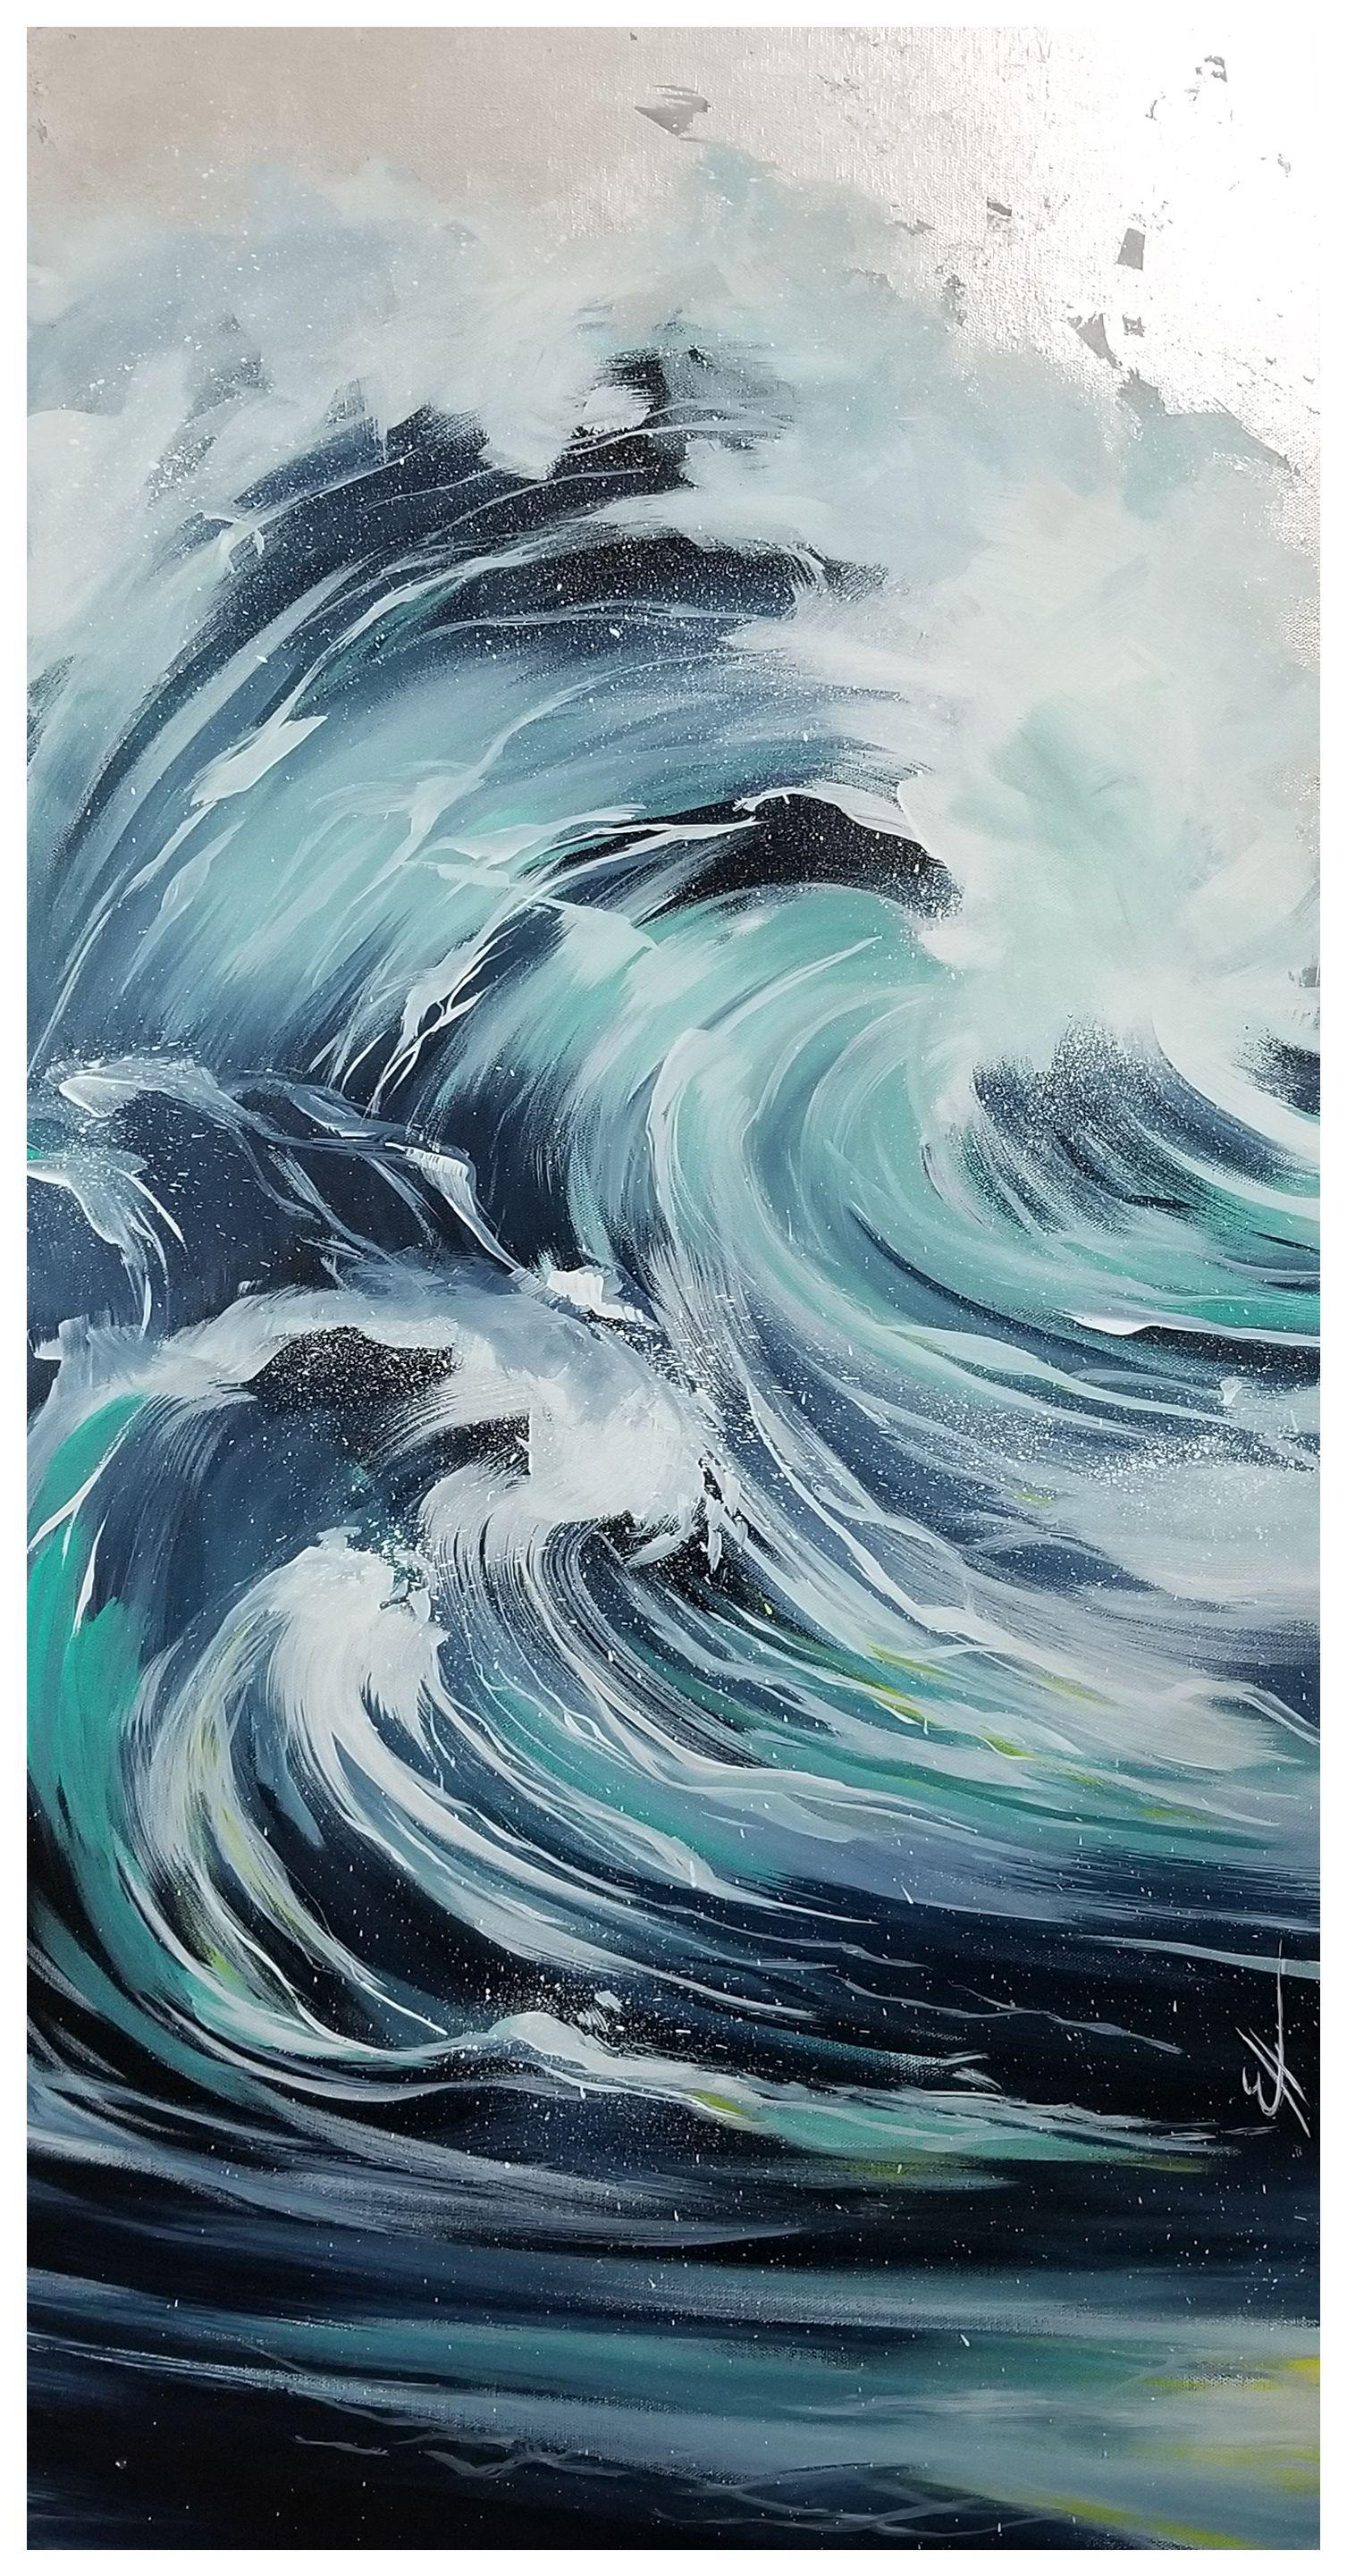 Wave Acrylic Art Ocean Waves Painting Ocean Wave Painting Ocean Painting